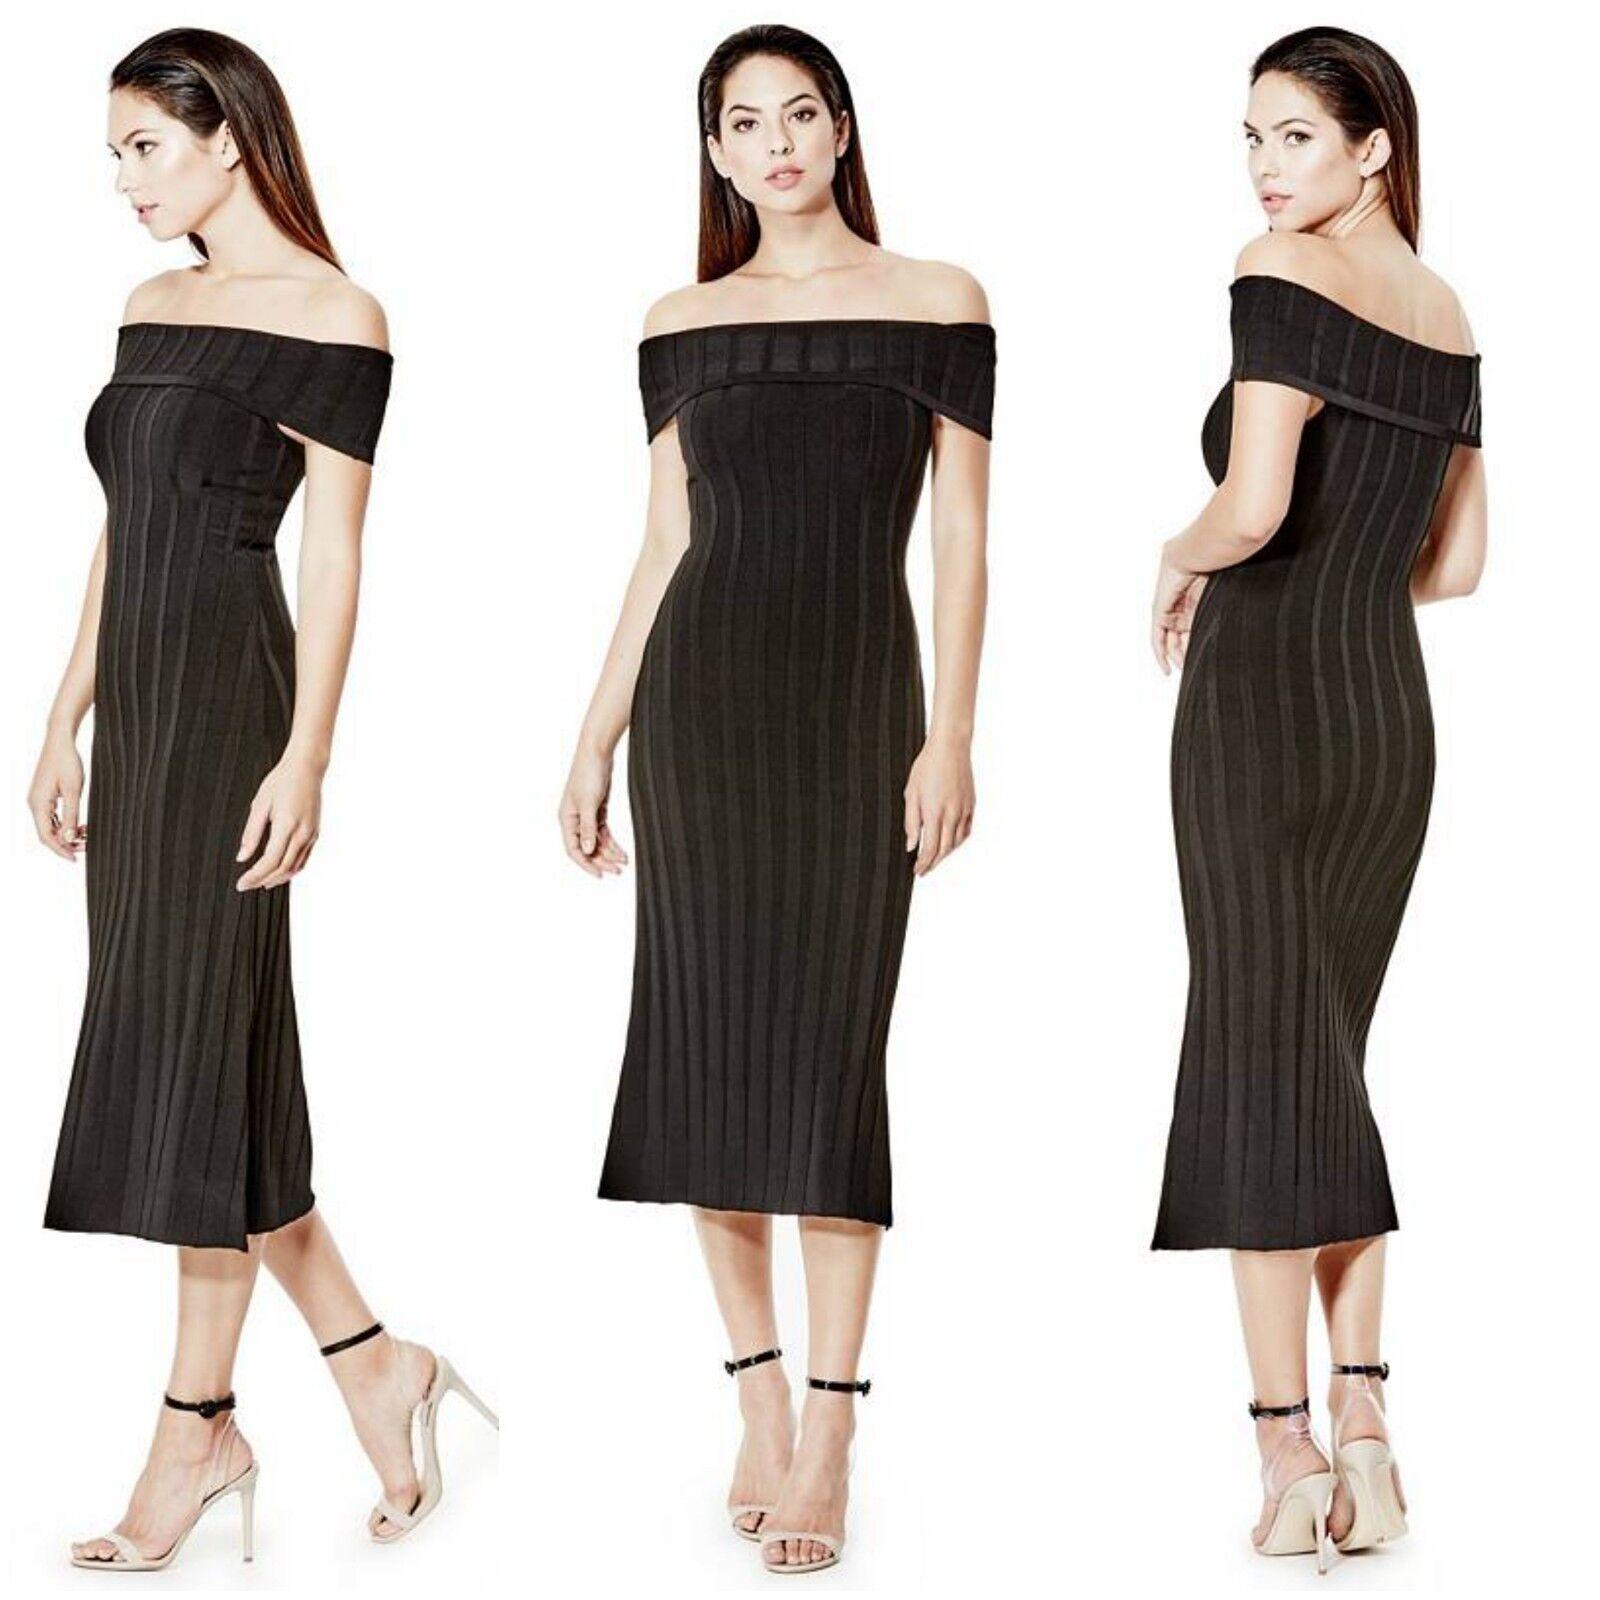 Nuevo con etiquetas Guess Sexy Negro off-the-hombro  Vestido Ajustado Talla Xs  descuento de ventas en línea